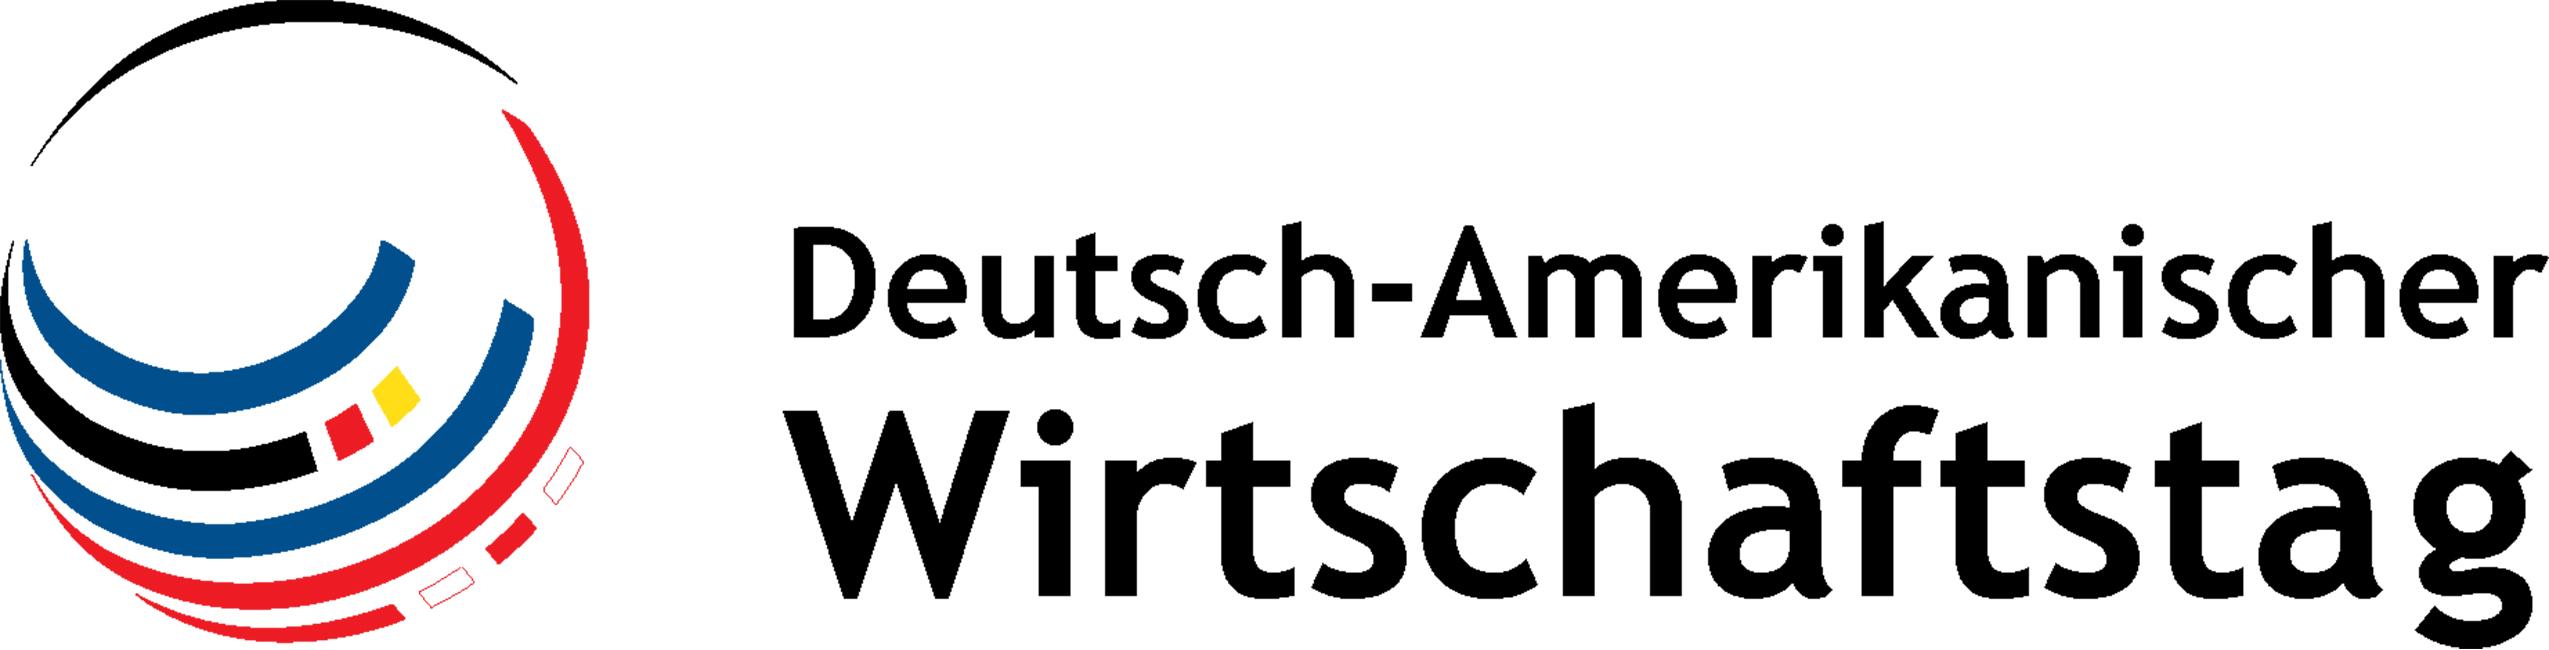 6. Deutsch-Amerikanischer Wirtschaftstag